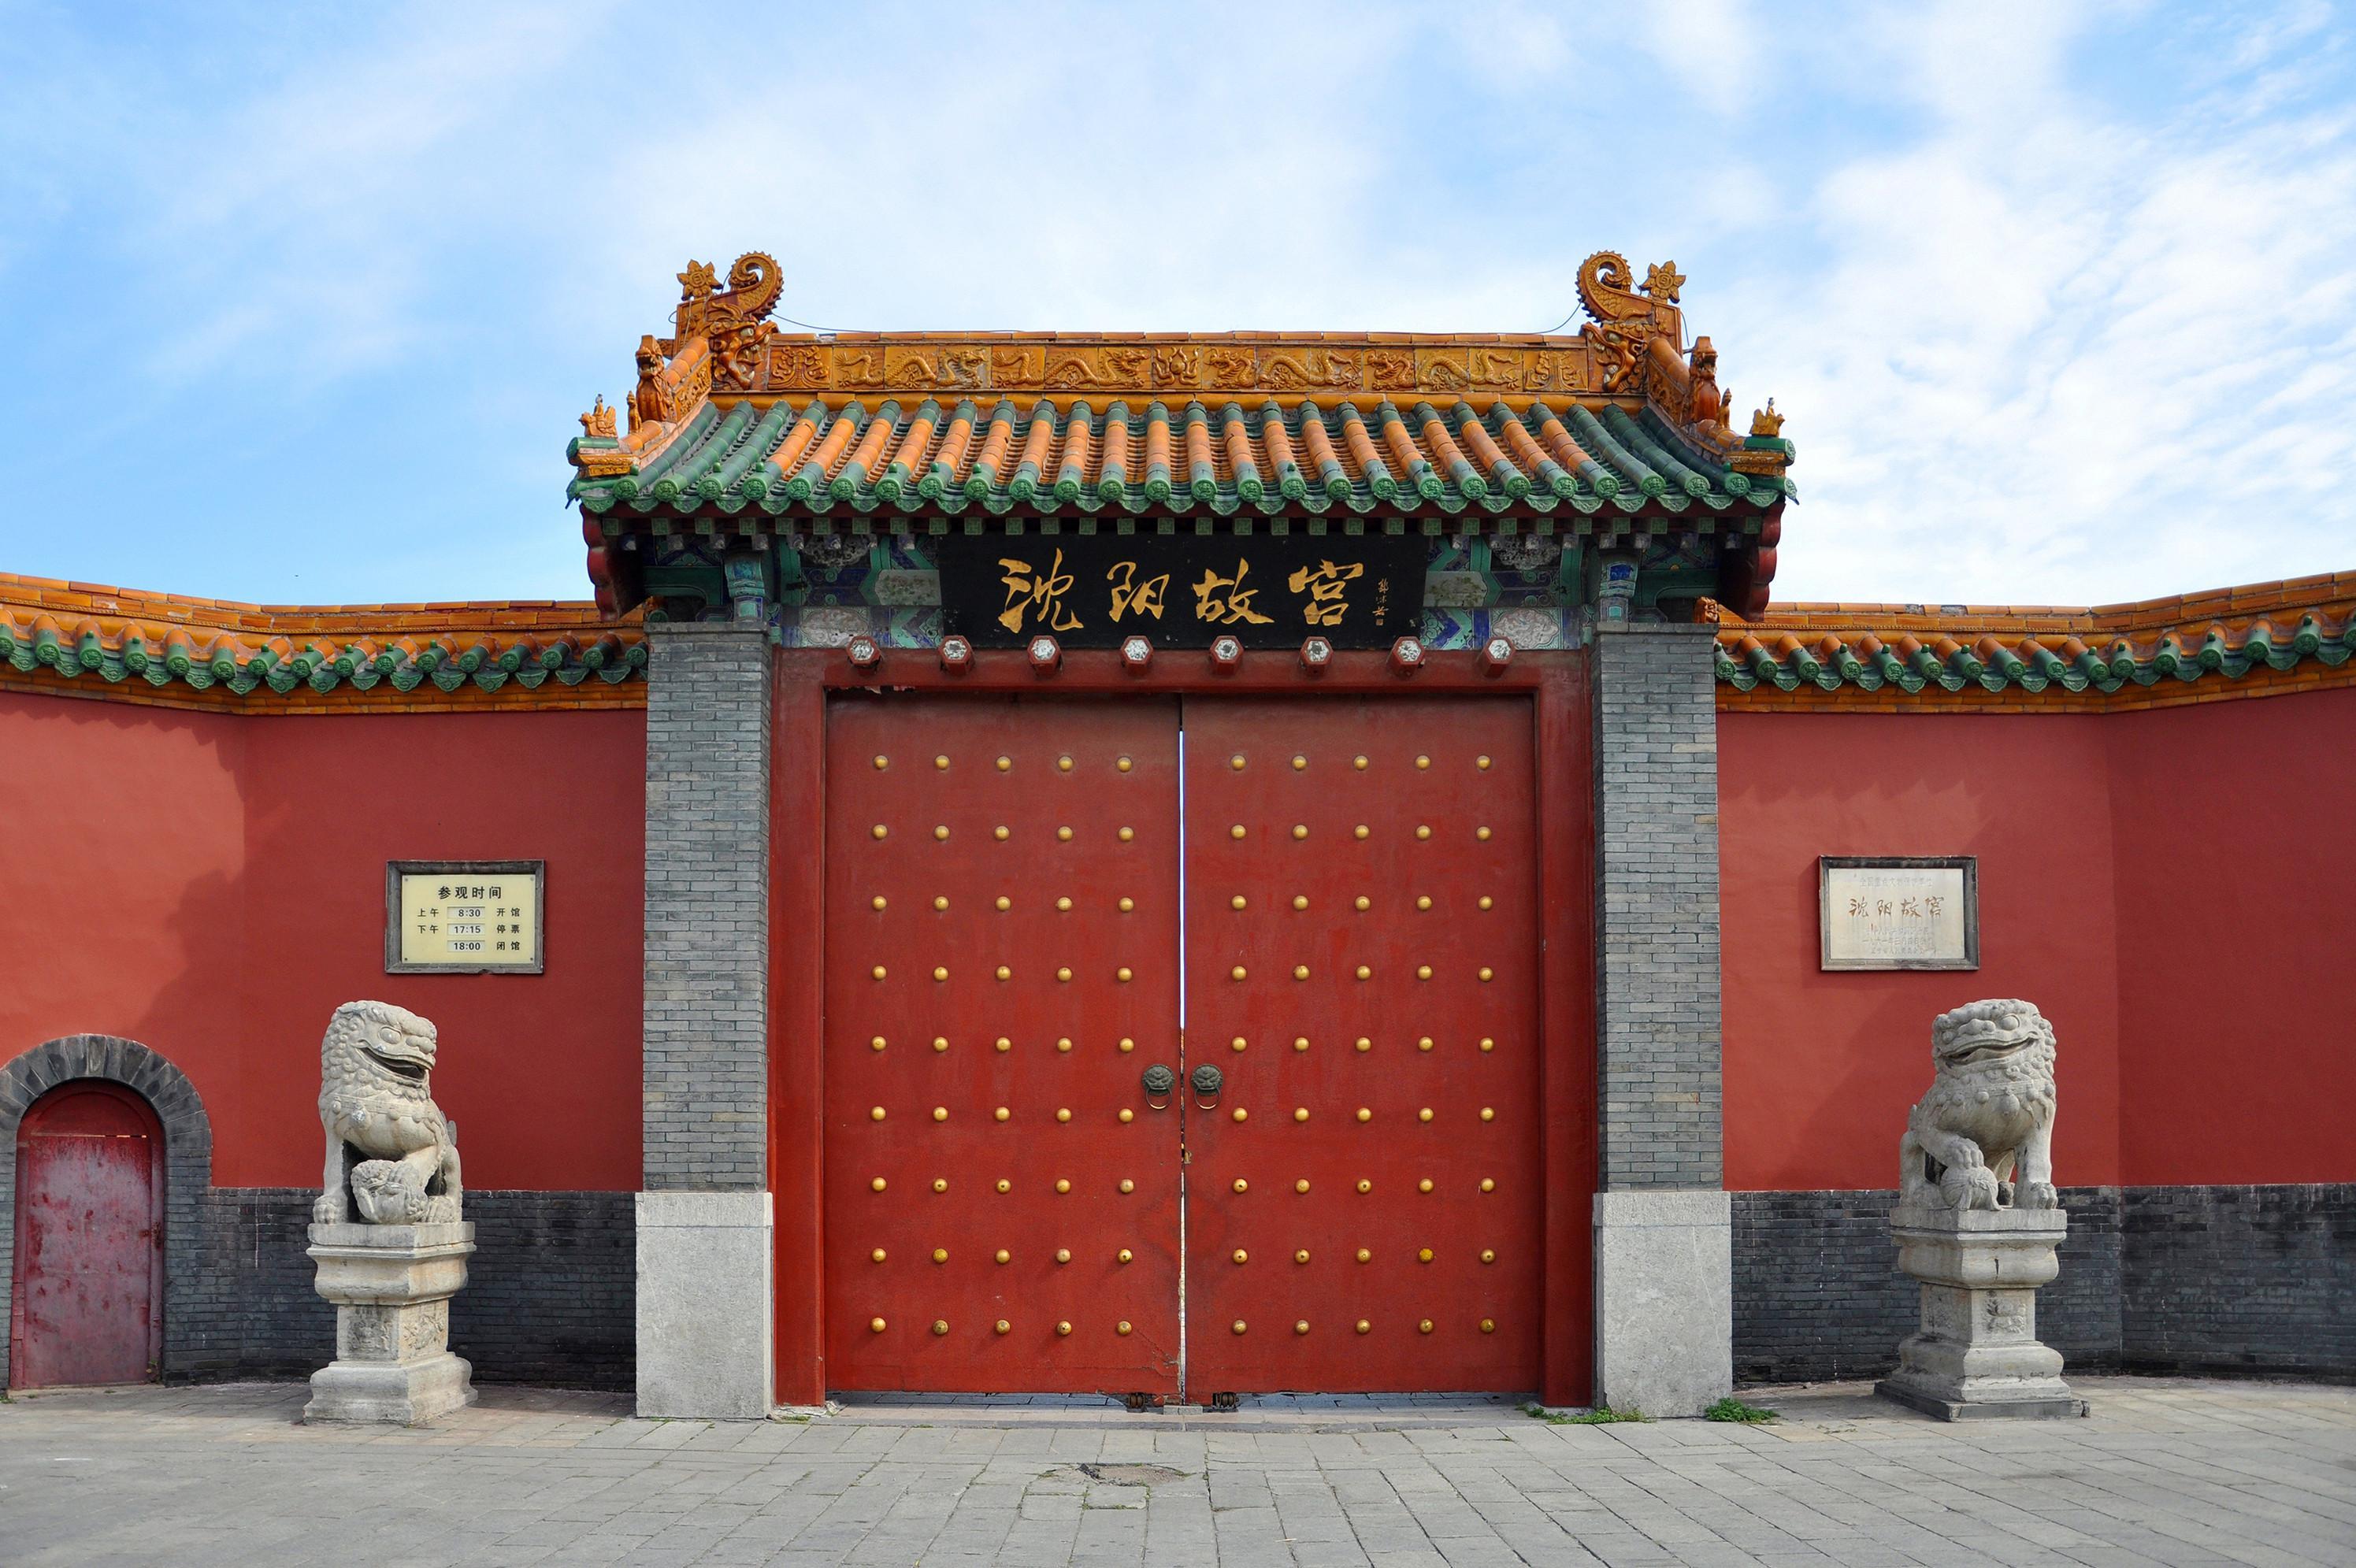 哈尔滨、长春、沈阳动车5日4晚跟团游[]全程动车,半日自由城市拾光,打卡美食餐厅